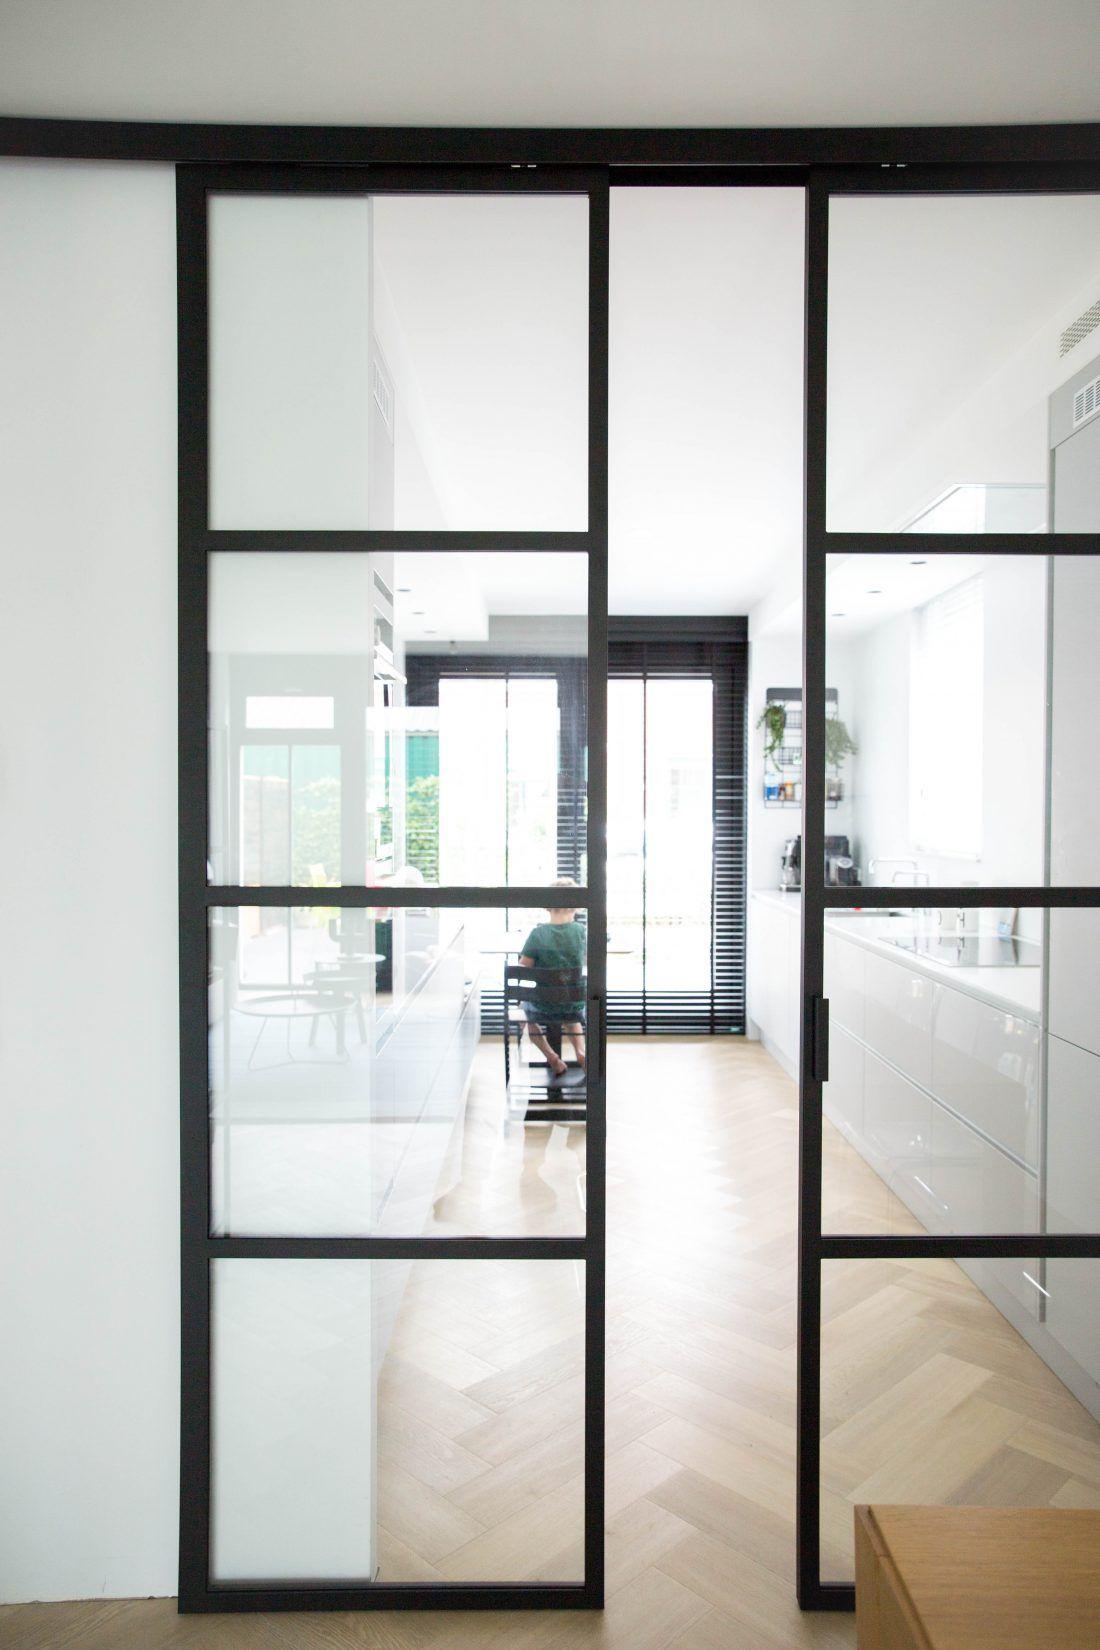 Femkeido Interior Design - Nieuwbouwproject Den Haag | Home #Doors ...